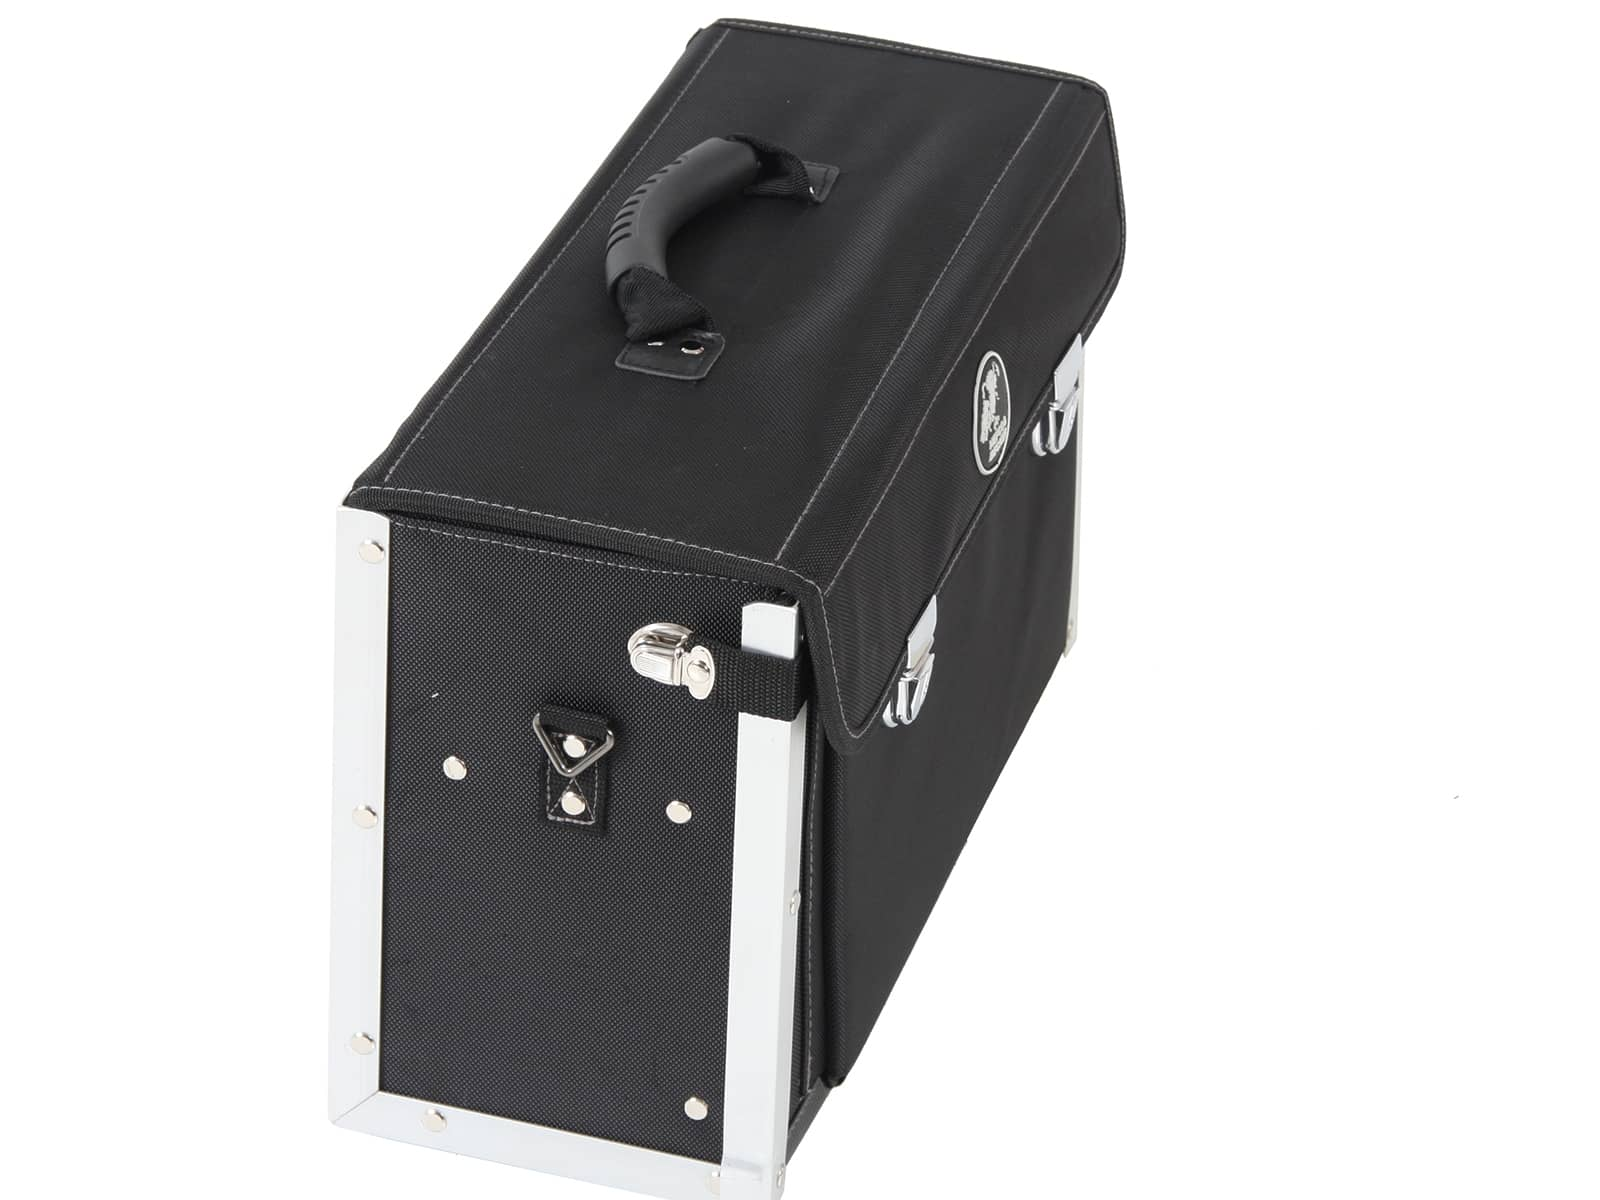 Lehrlingstasche für Elektriker oder Handwerker 15 ltr. 5863